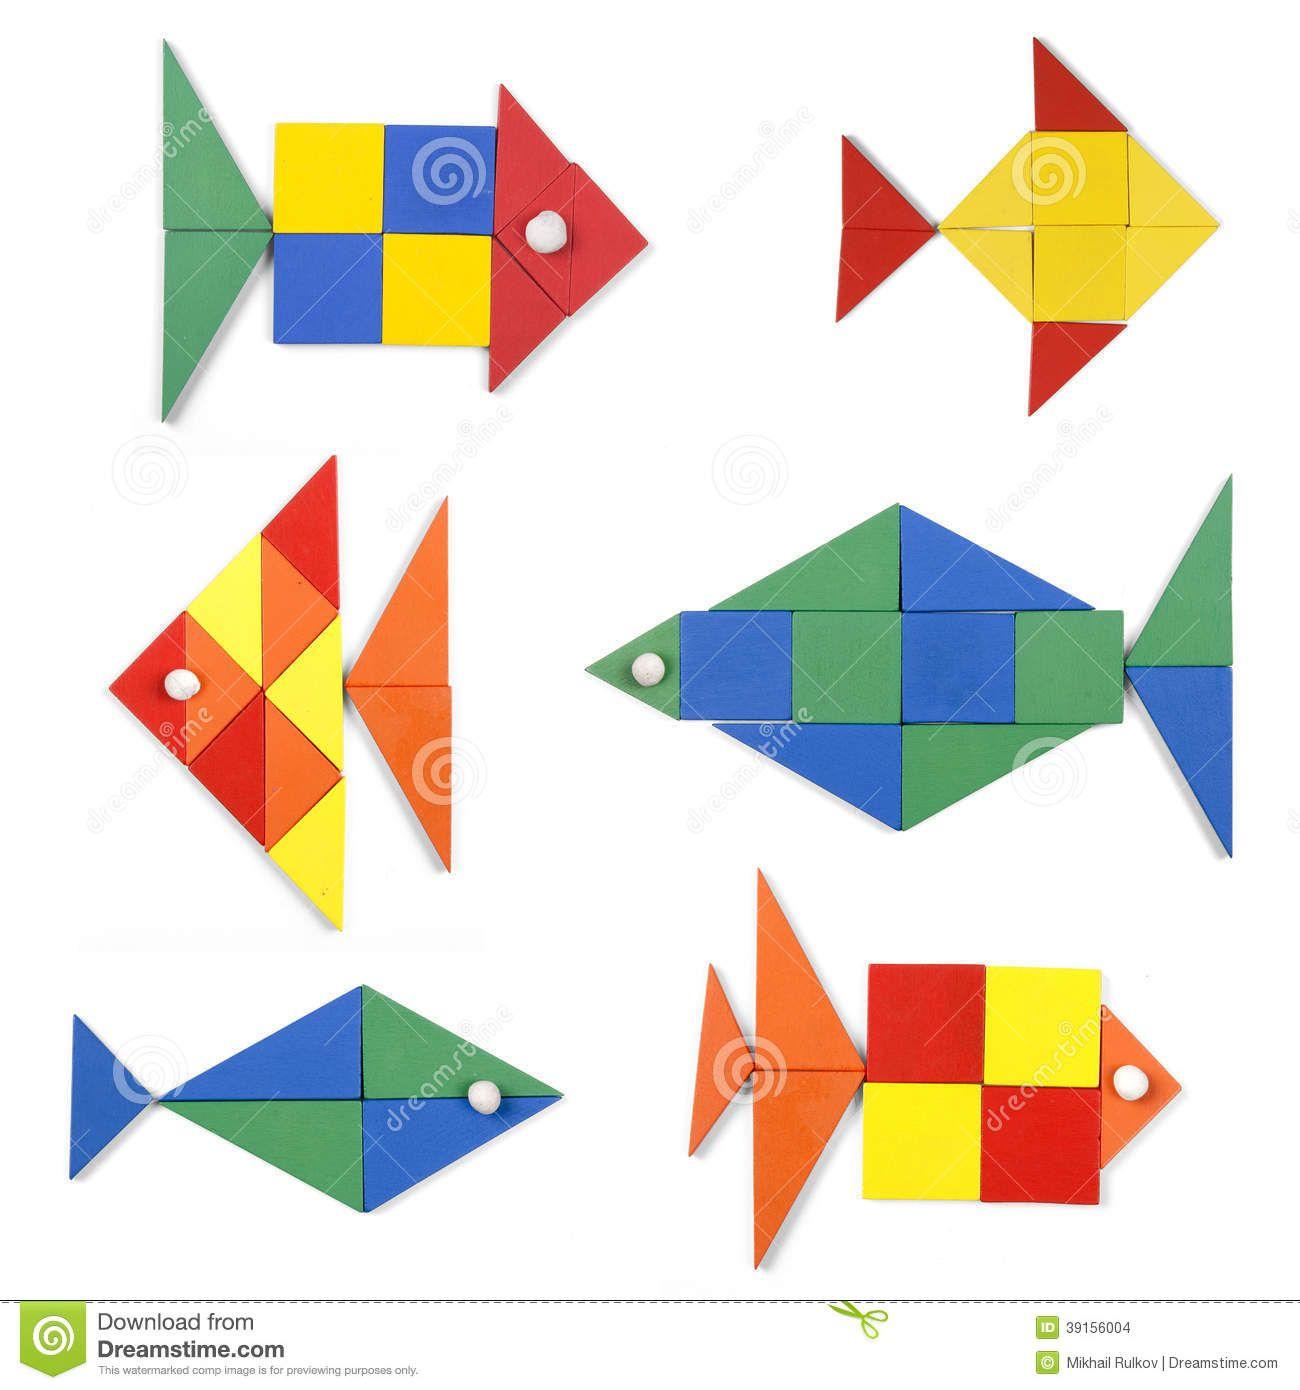 los-pescados-fijados-de-figuras-geométricas-39156004.jpg (1300×1390)